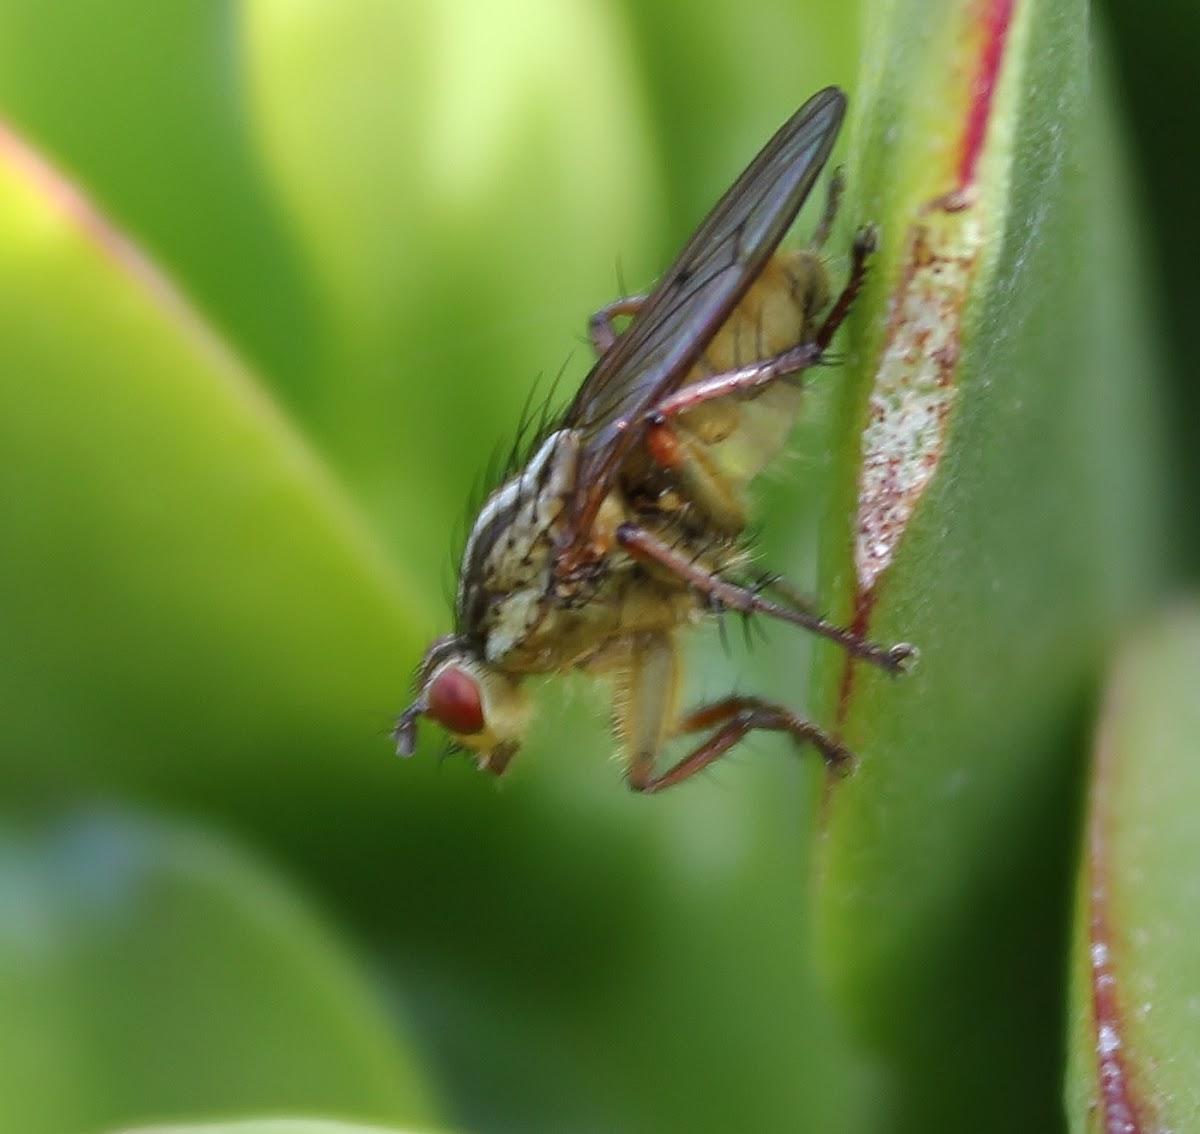 Banana Fly